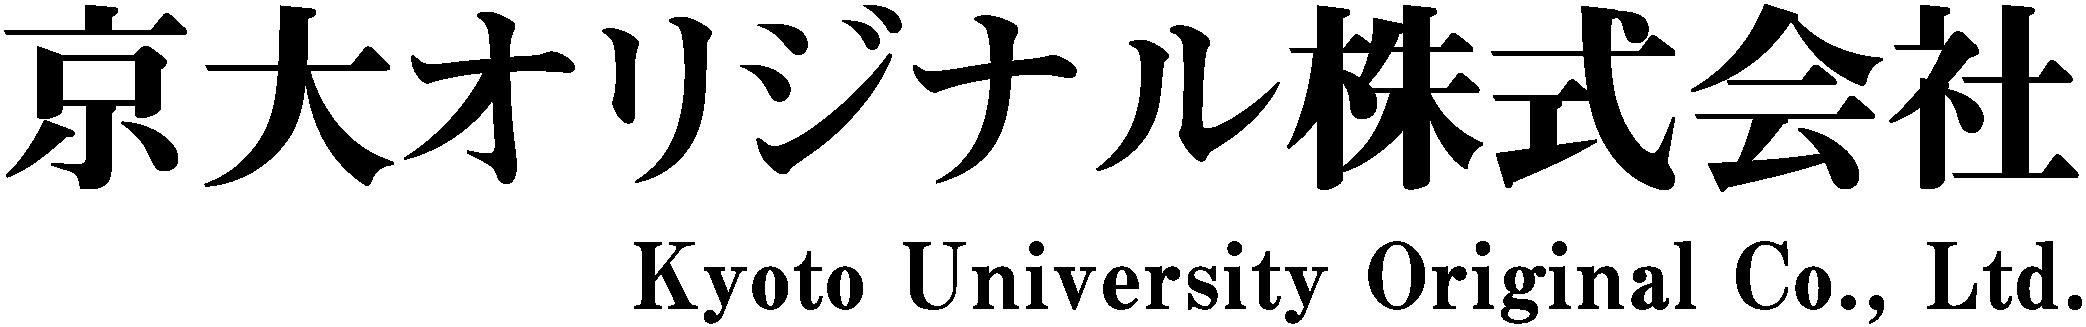 京大オリジナル株式会社